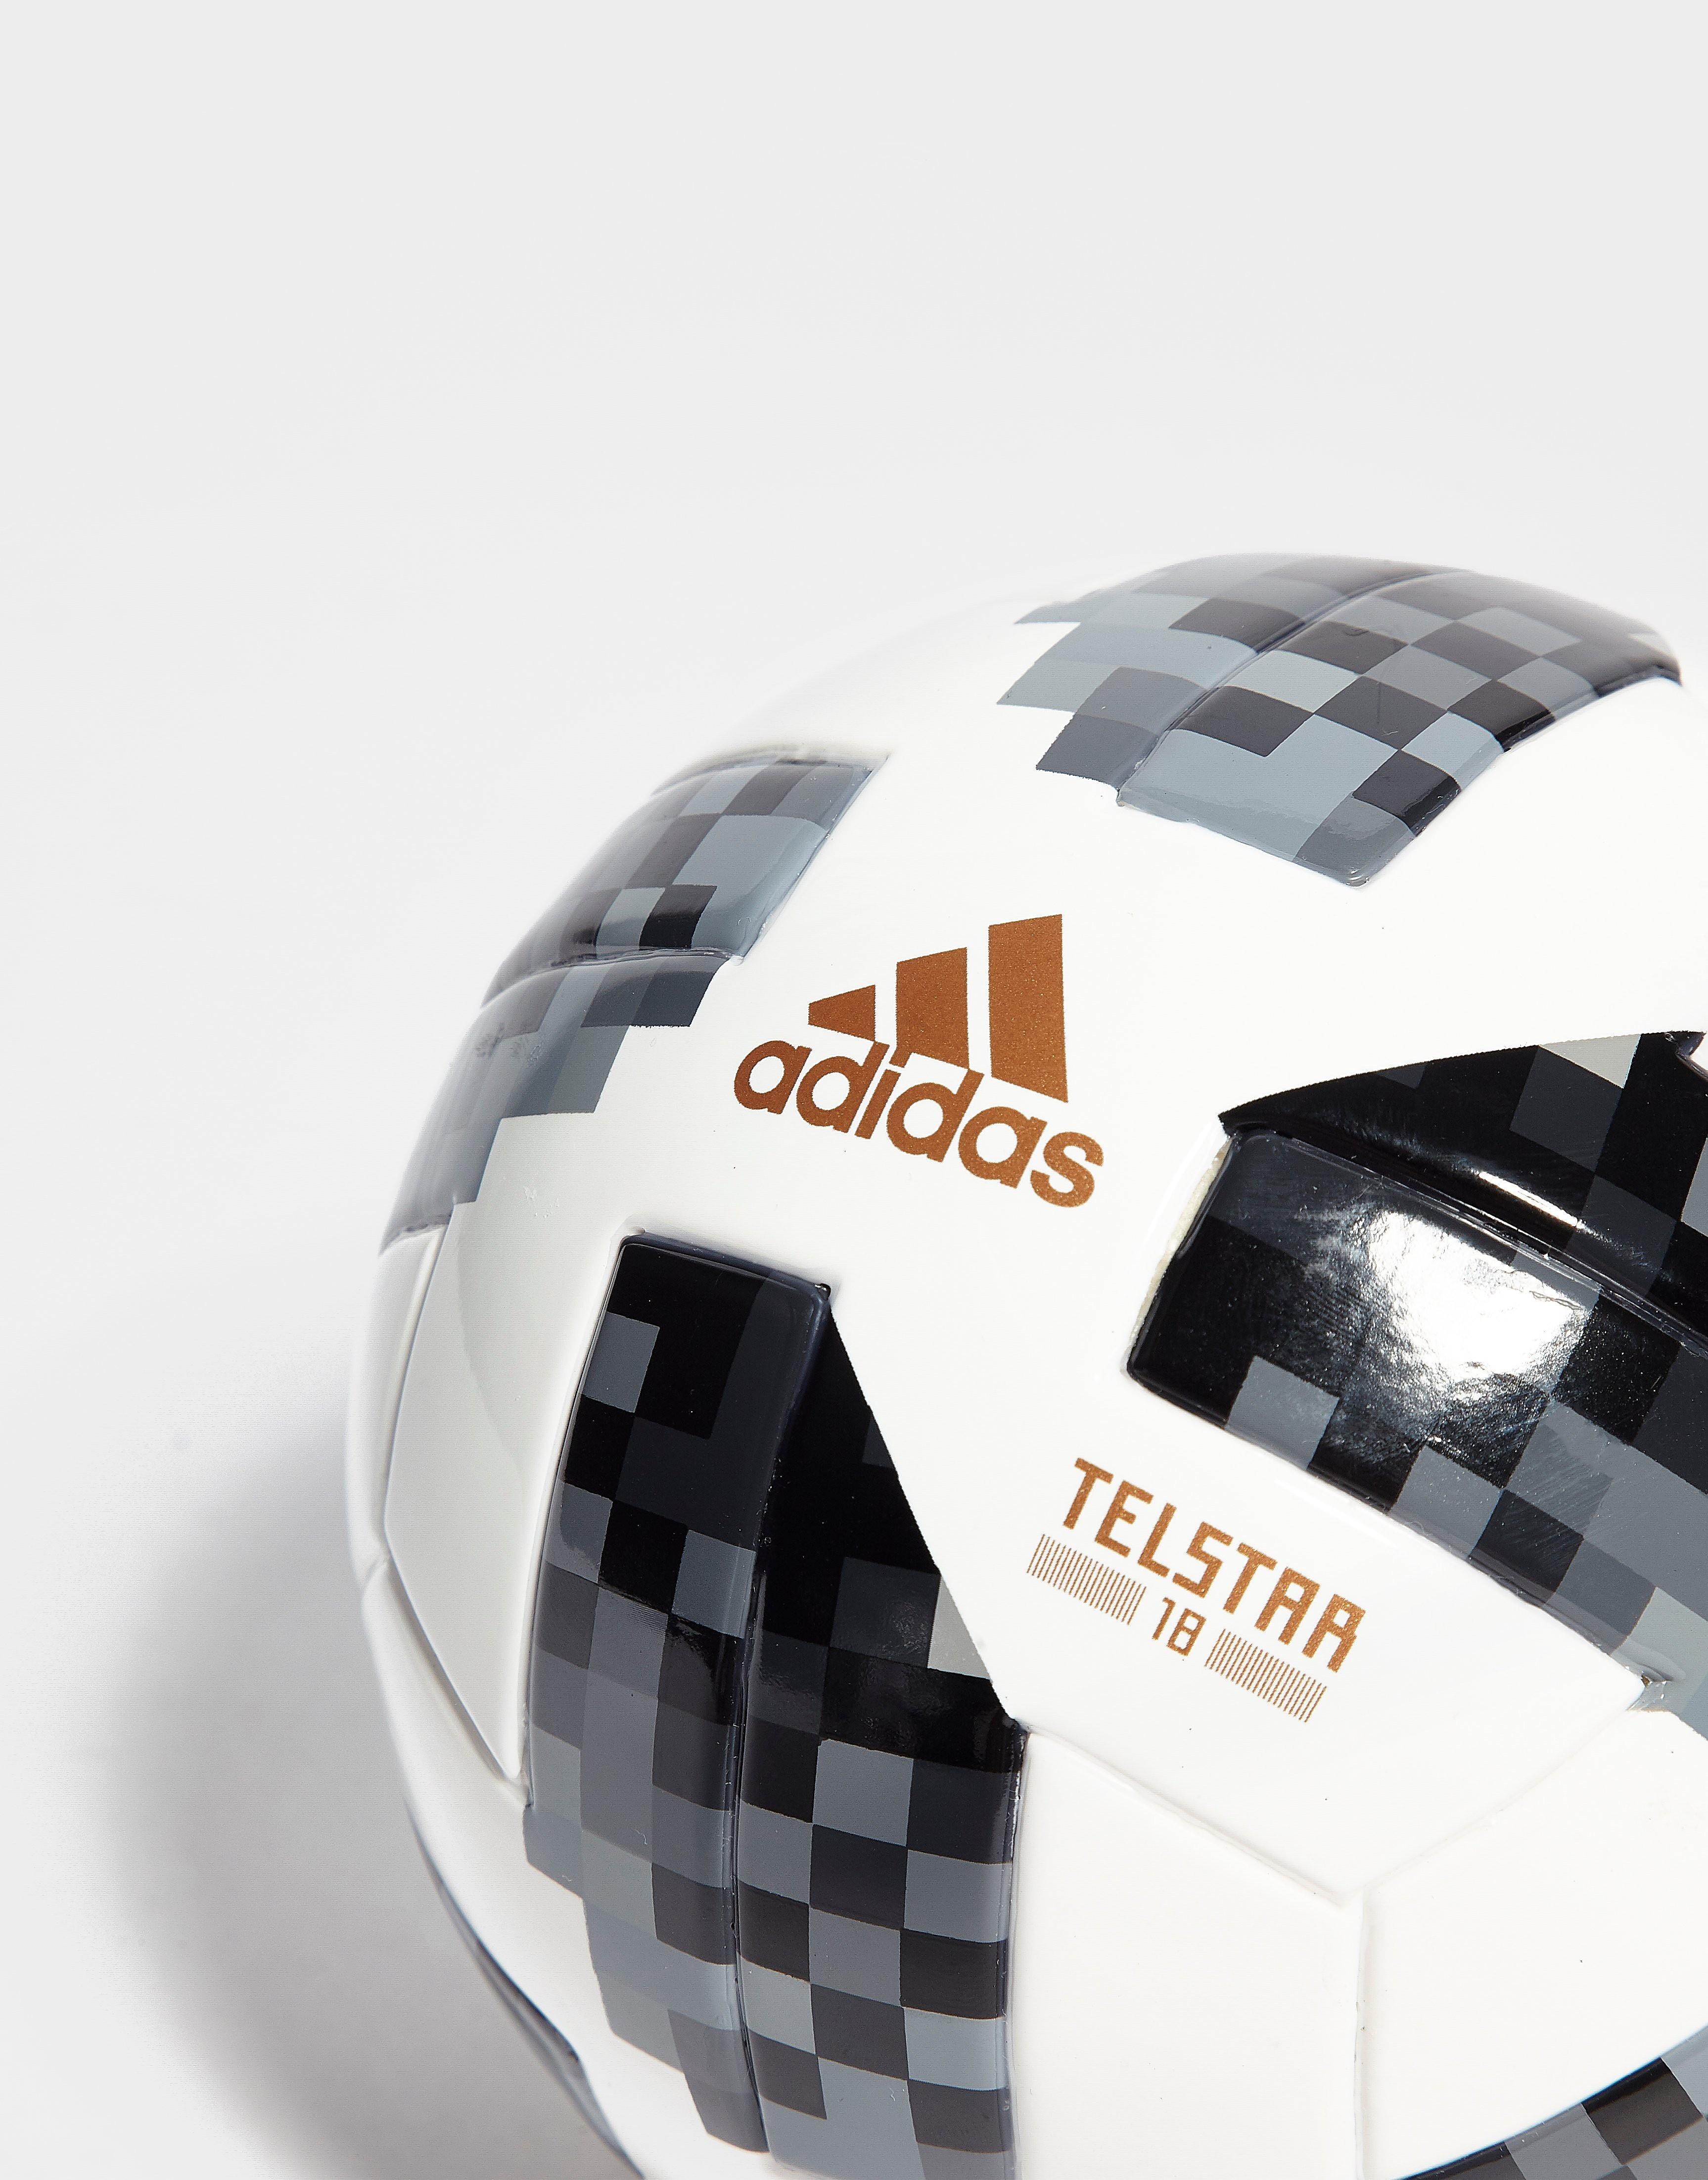 adidas Weltmeisterschaft 2018 Minifußball